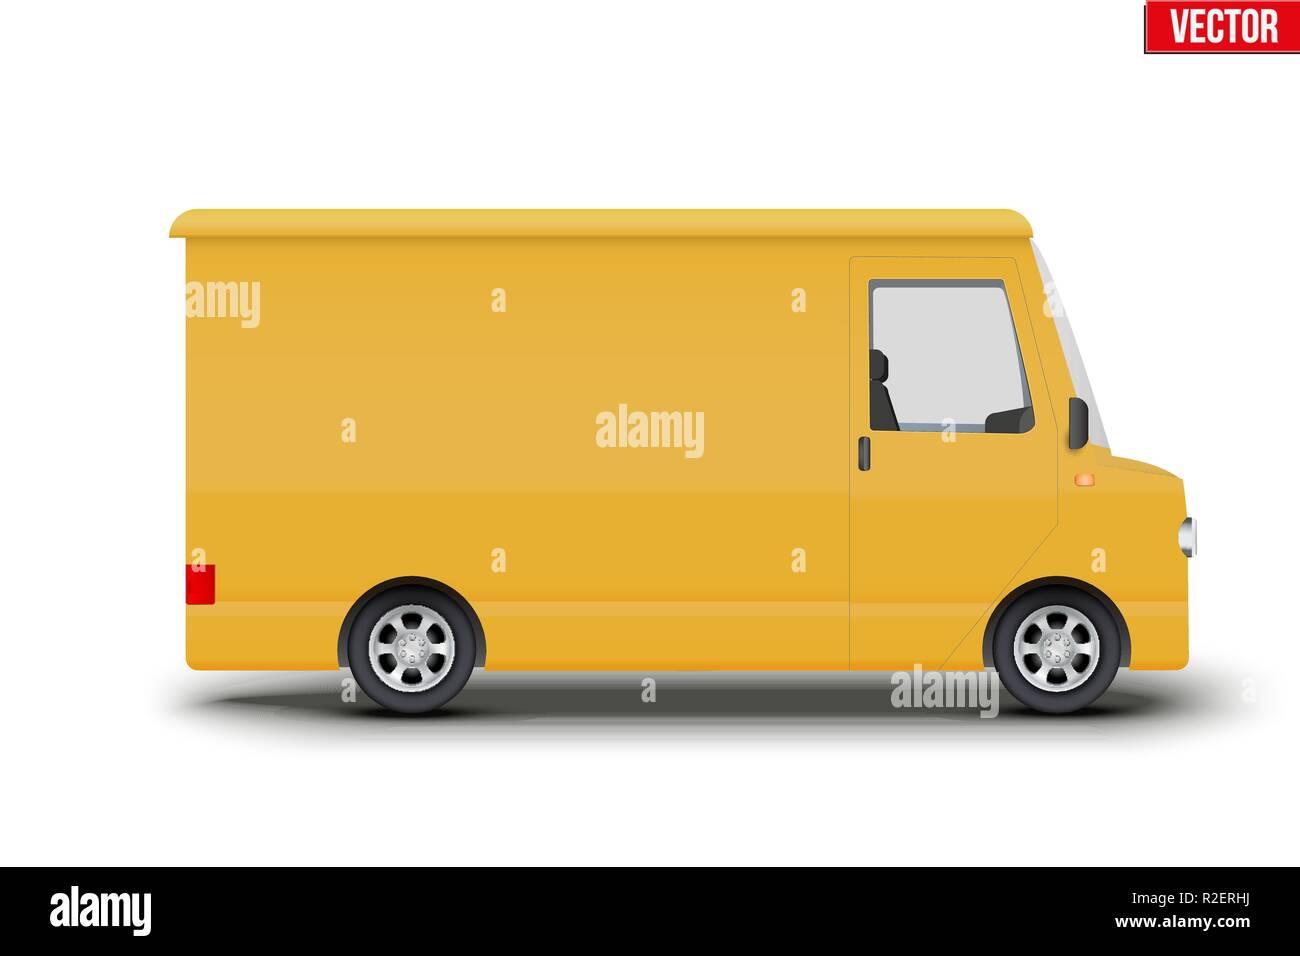 Retro yellow postal van minibus - Stock Image